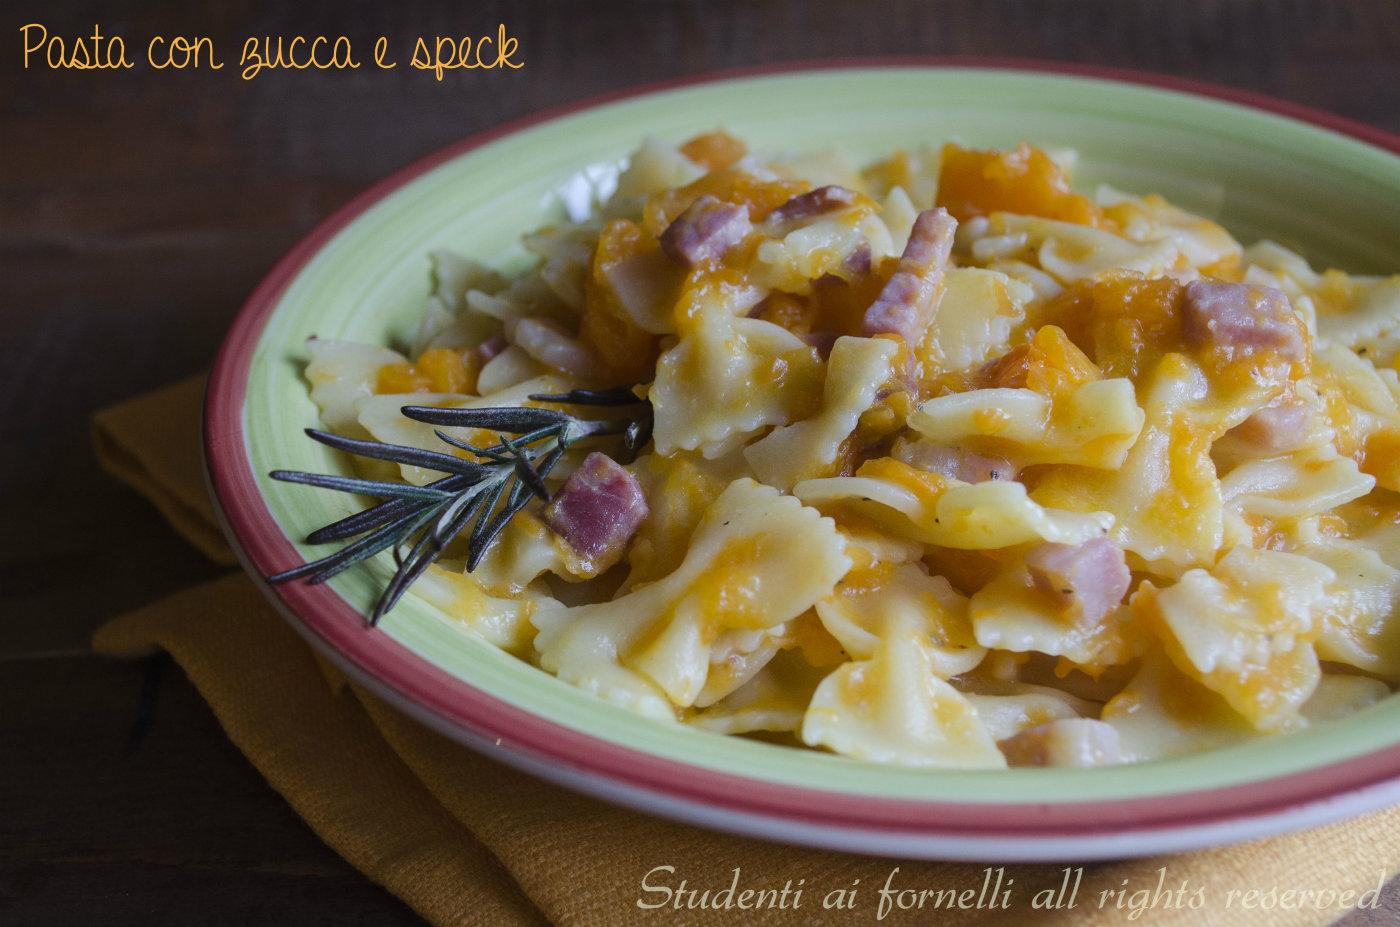 Ricette pasta e zucca